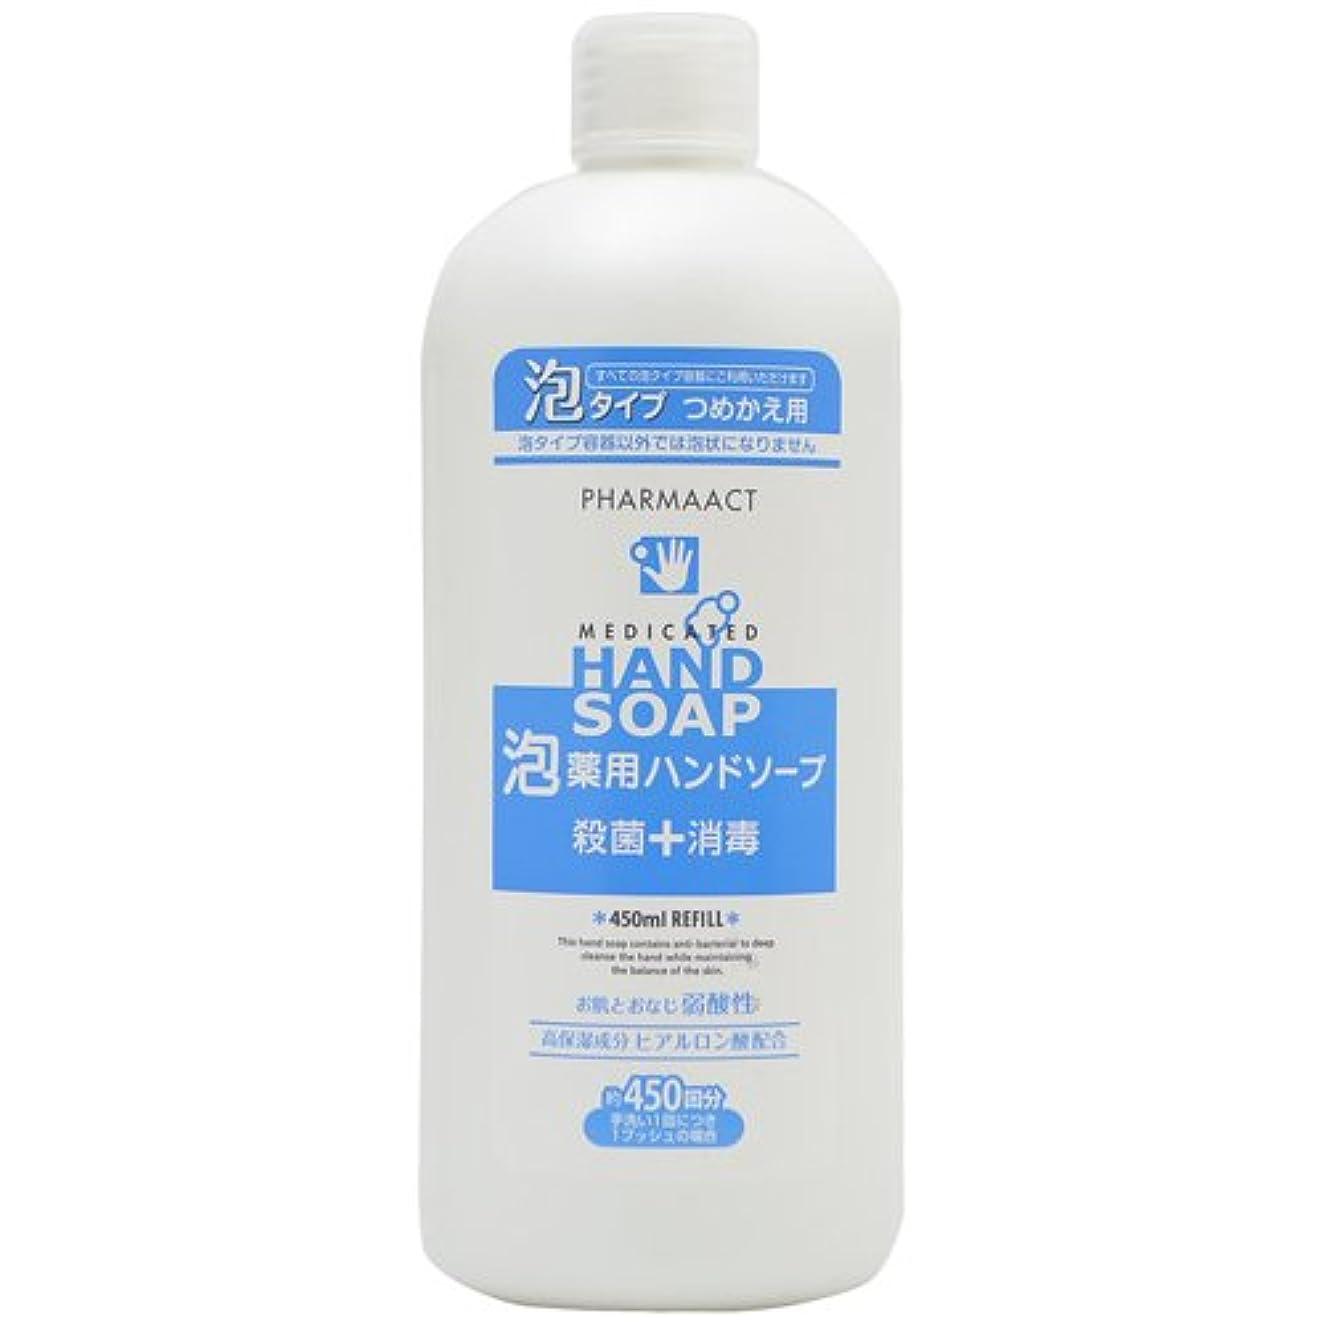 努力する用心する締め切り熊野油脂 ファーマアクト 薬用泡ハンドソープ つめかえ用 450ml×24点セット (4513574017603)